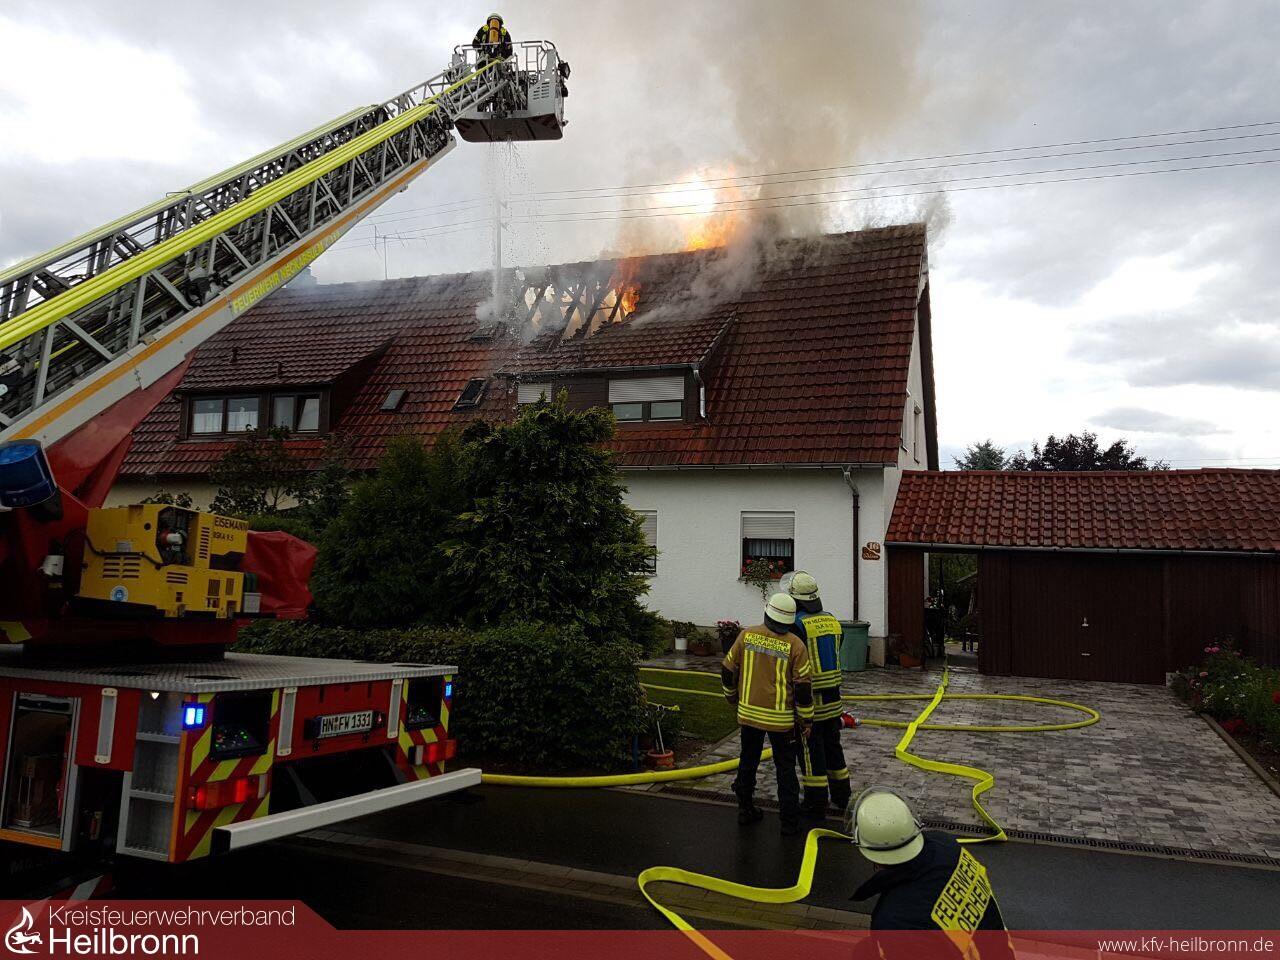 Kreisfeuerwehrverband Heilbronn Einsätze Blitzeinschlag